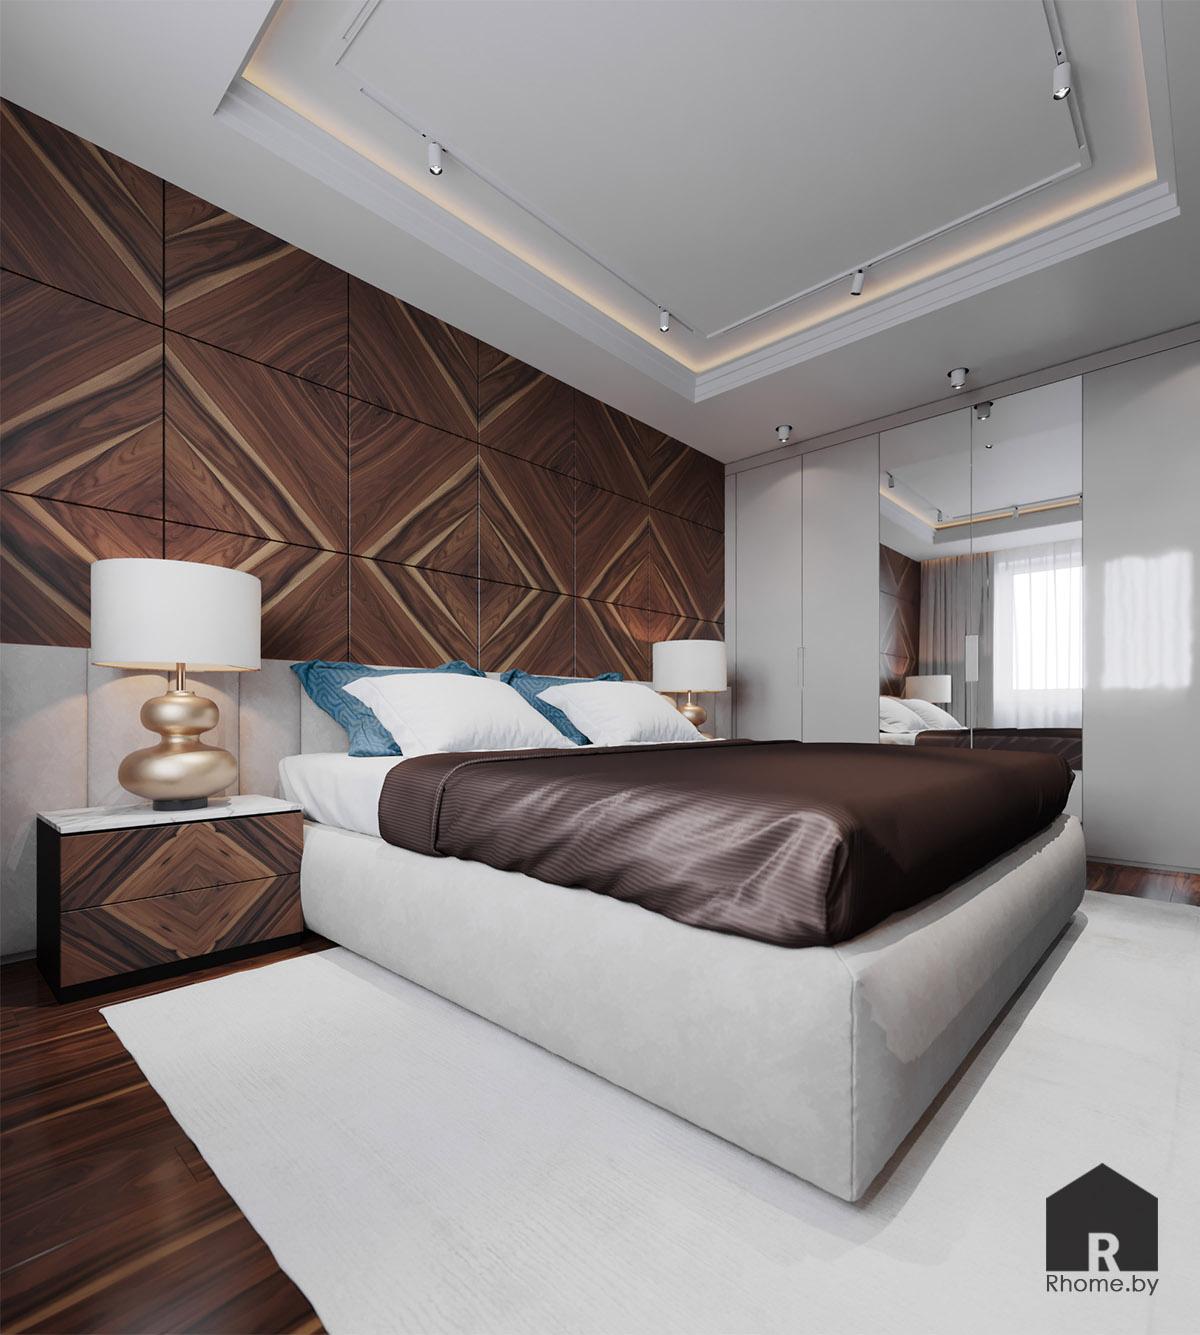 Дизайн спальни по ул. Восточная | Дизайн студия – Rhome.by